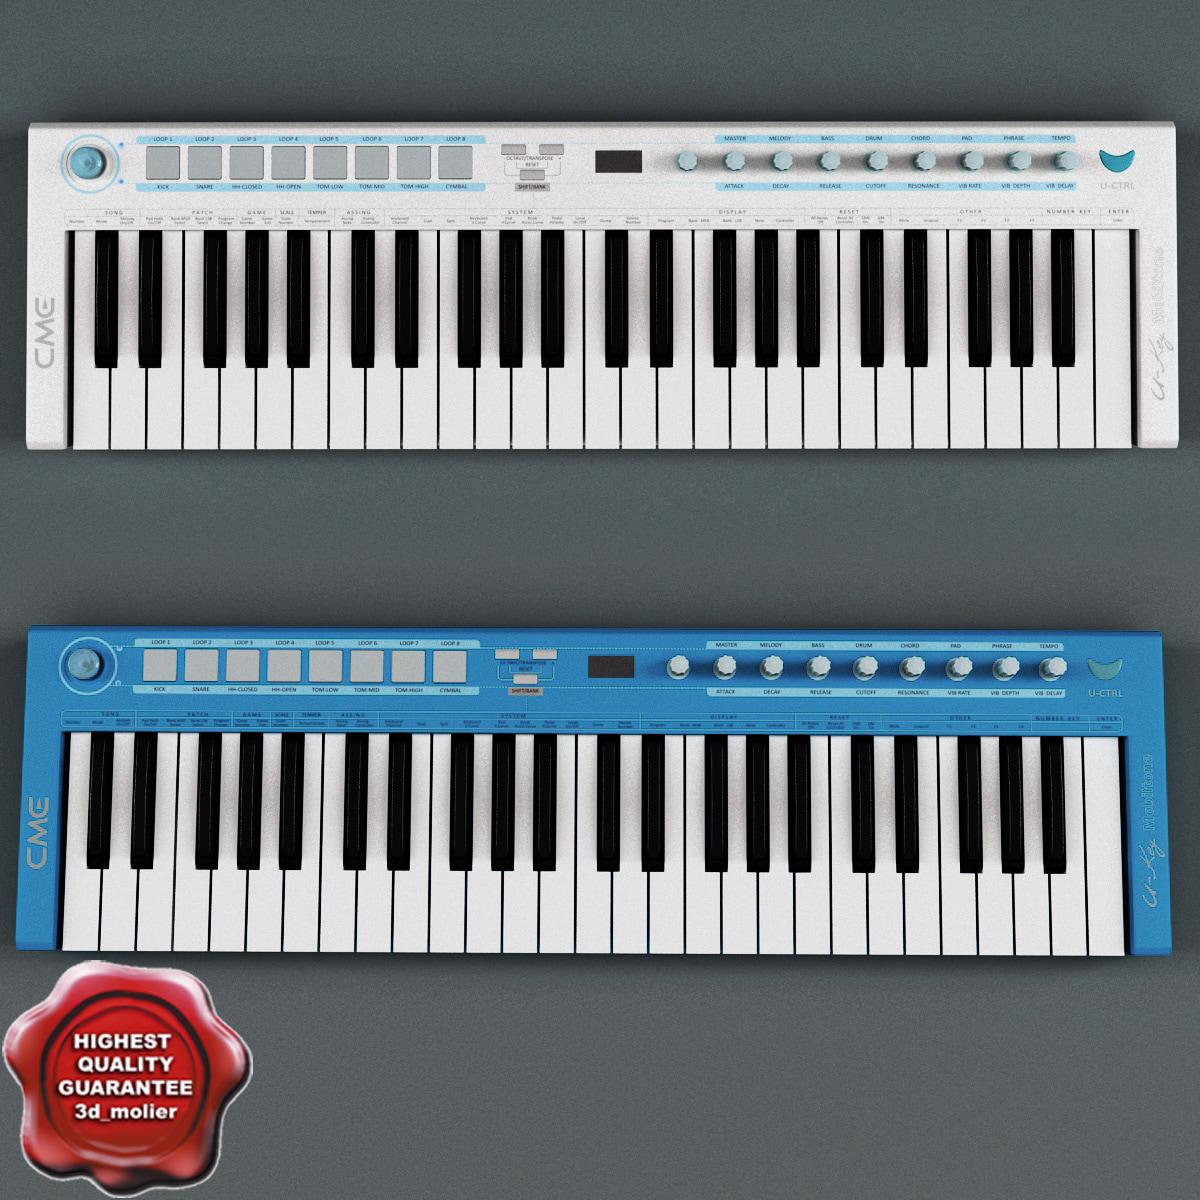 max usb midi keyboard u-key